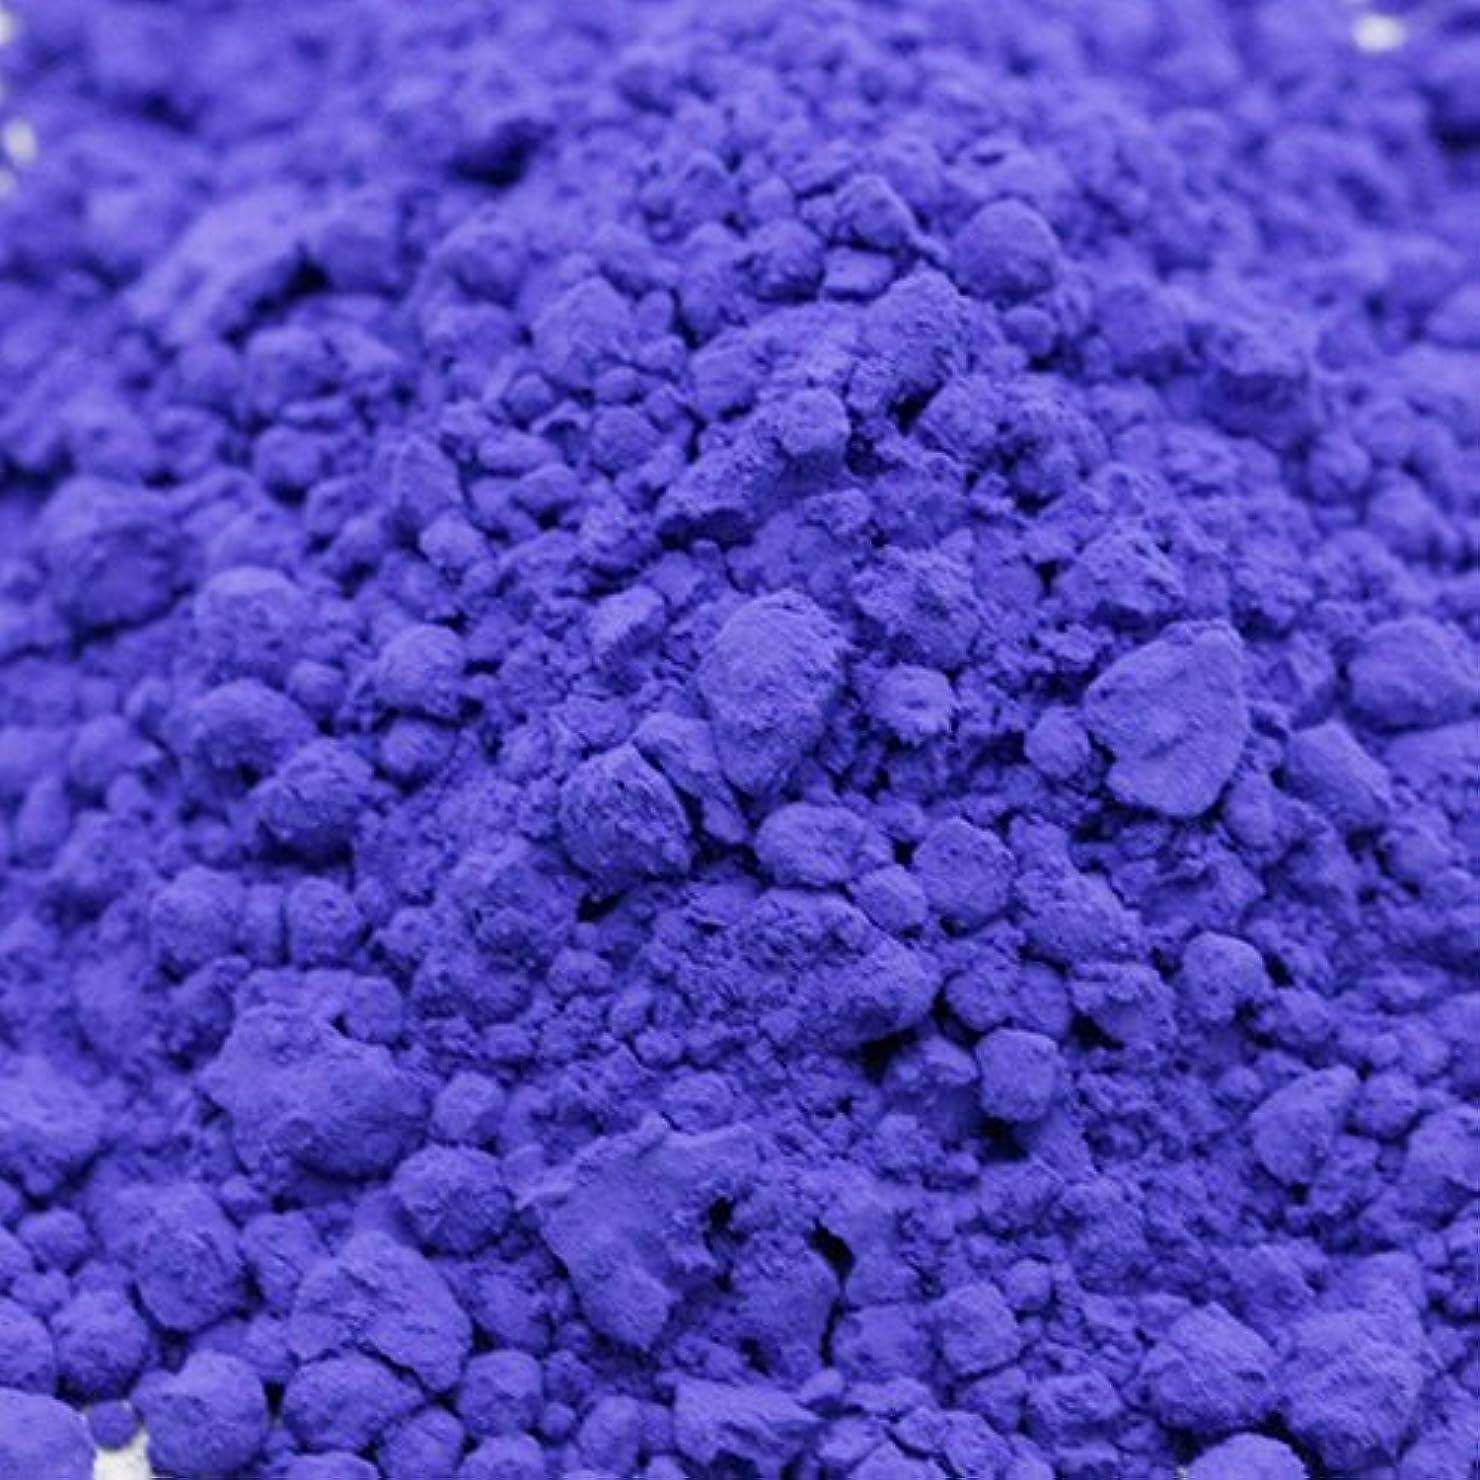 ひも反逆スーパーキャンディカラー ブルー 20g 【手作り石鹸/手作りコスメ/色付け/カラーラント/ブルー】